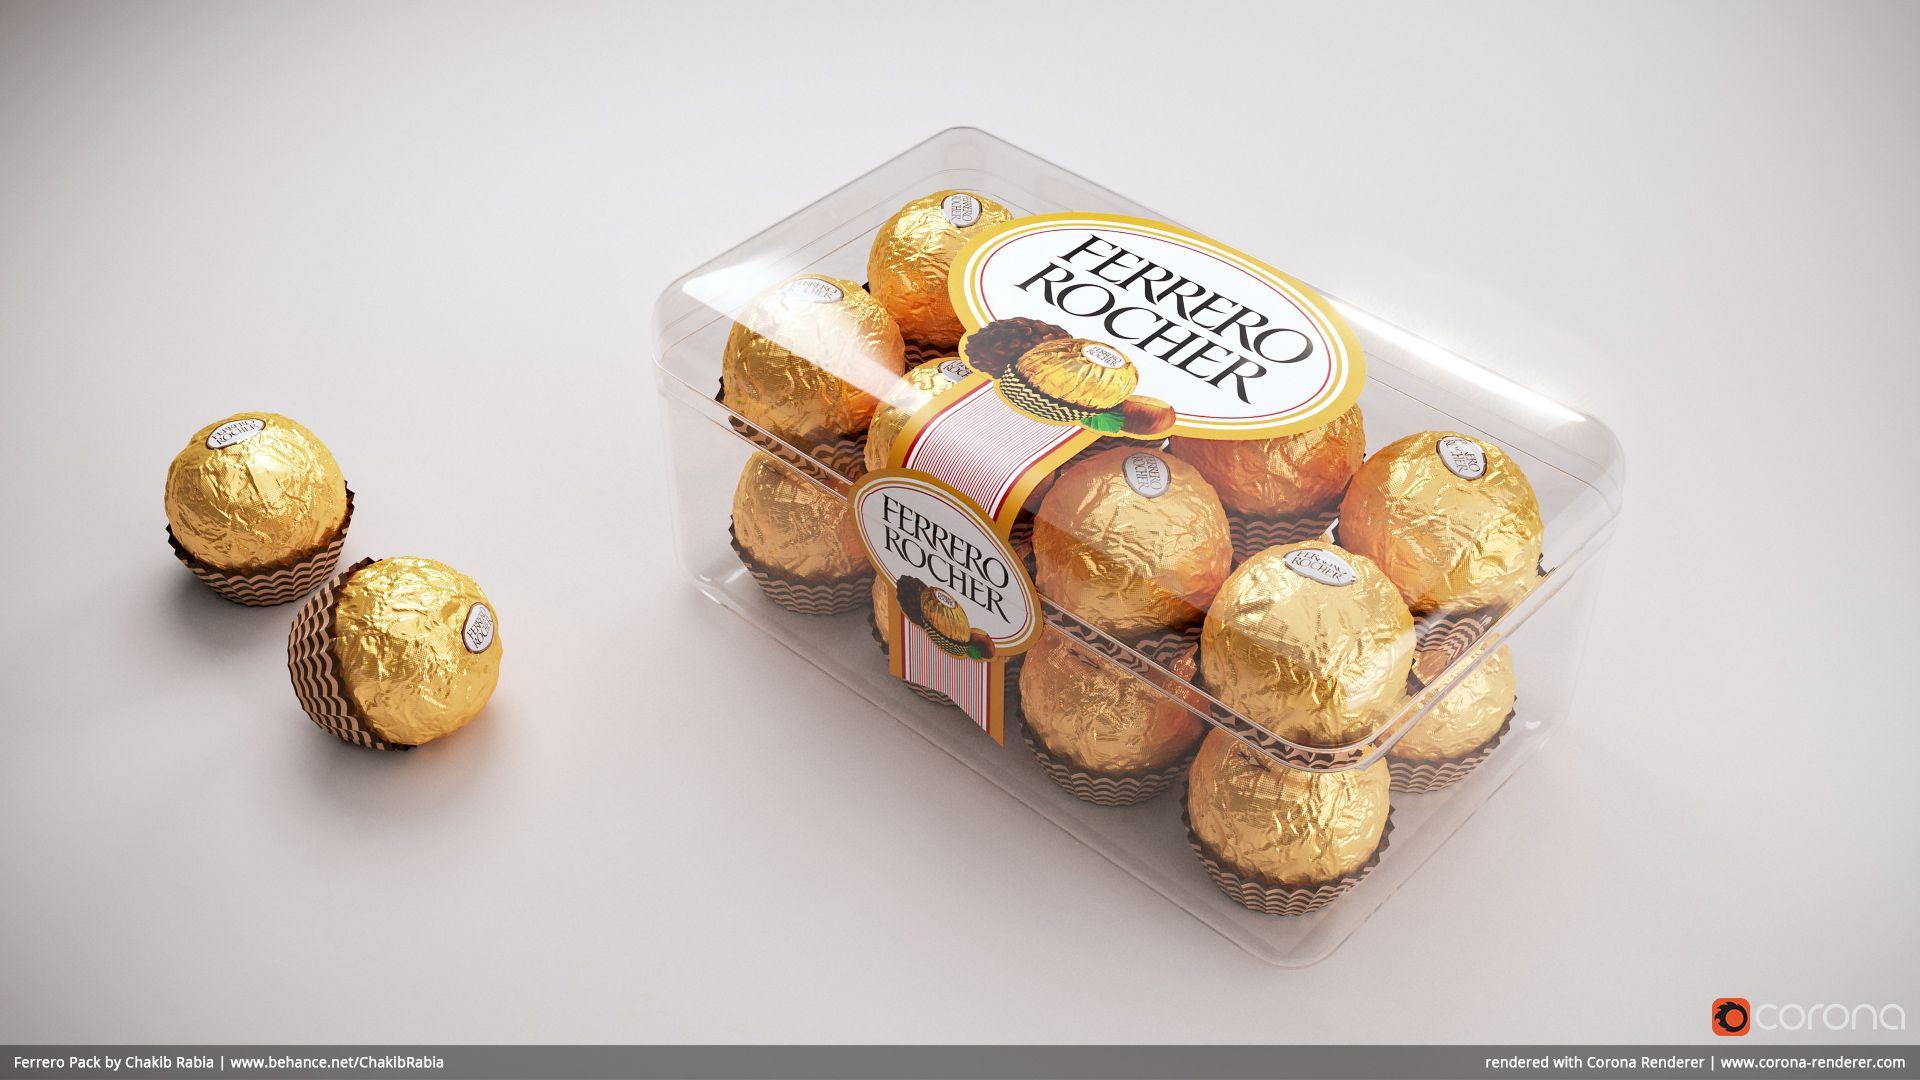 Ferrero Corona